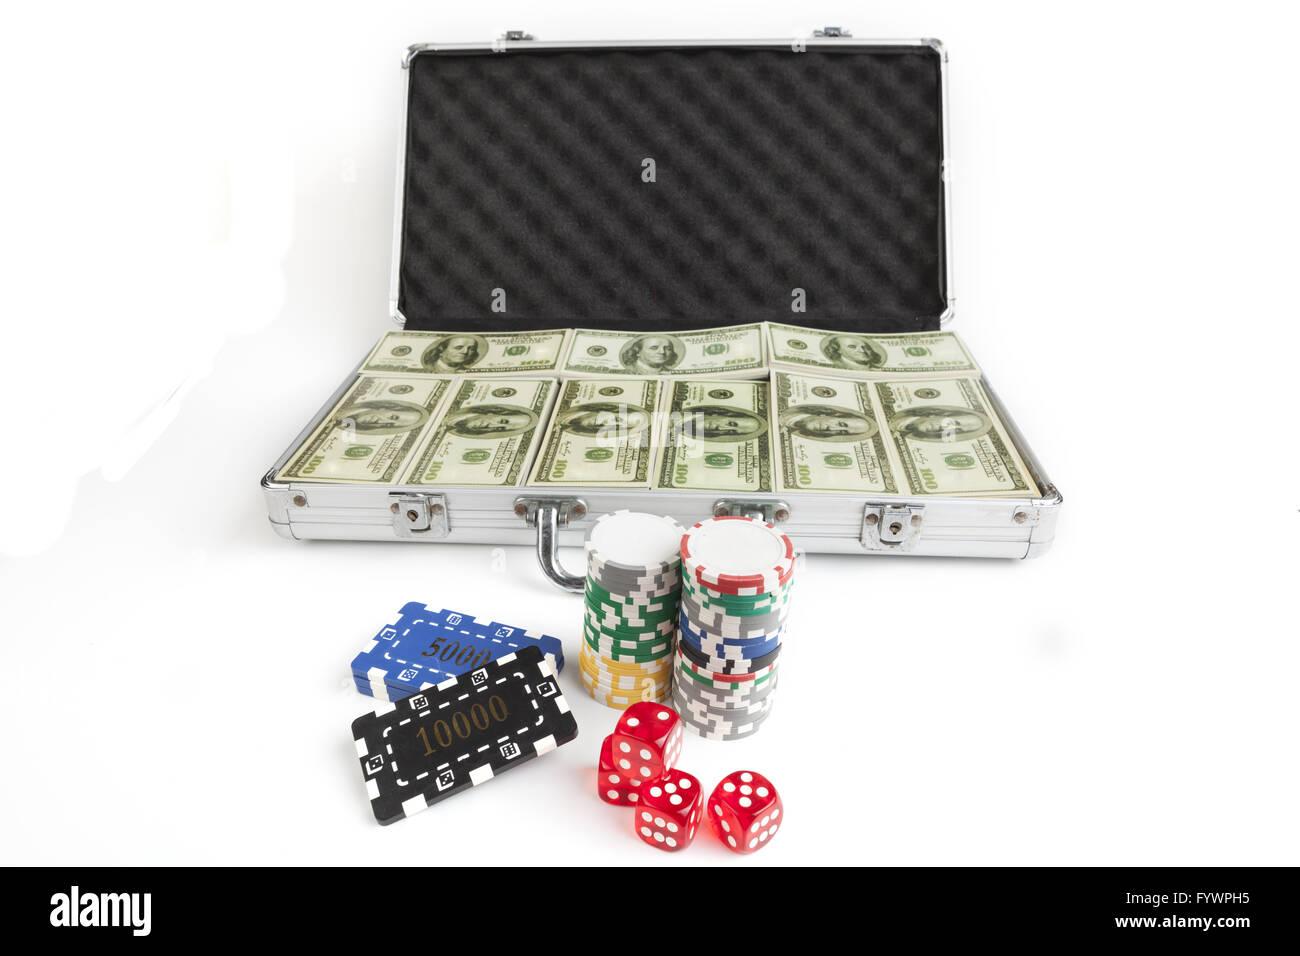 güvenilir online casino siteleri